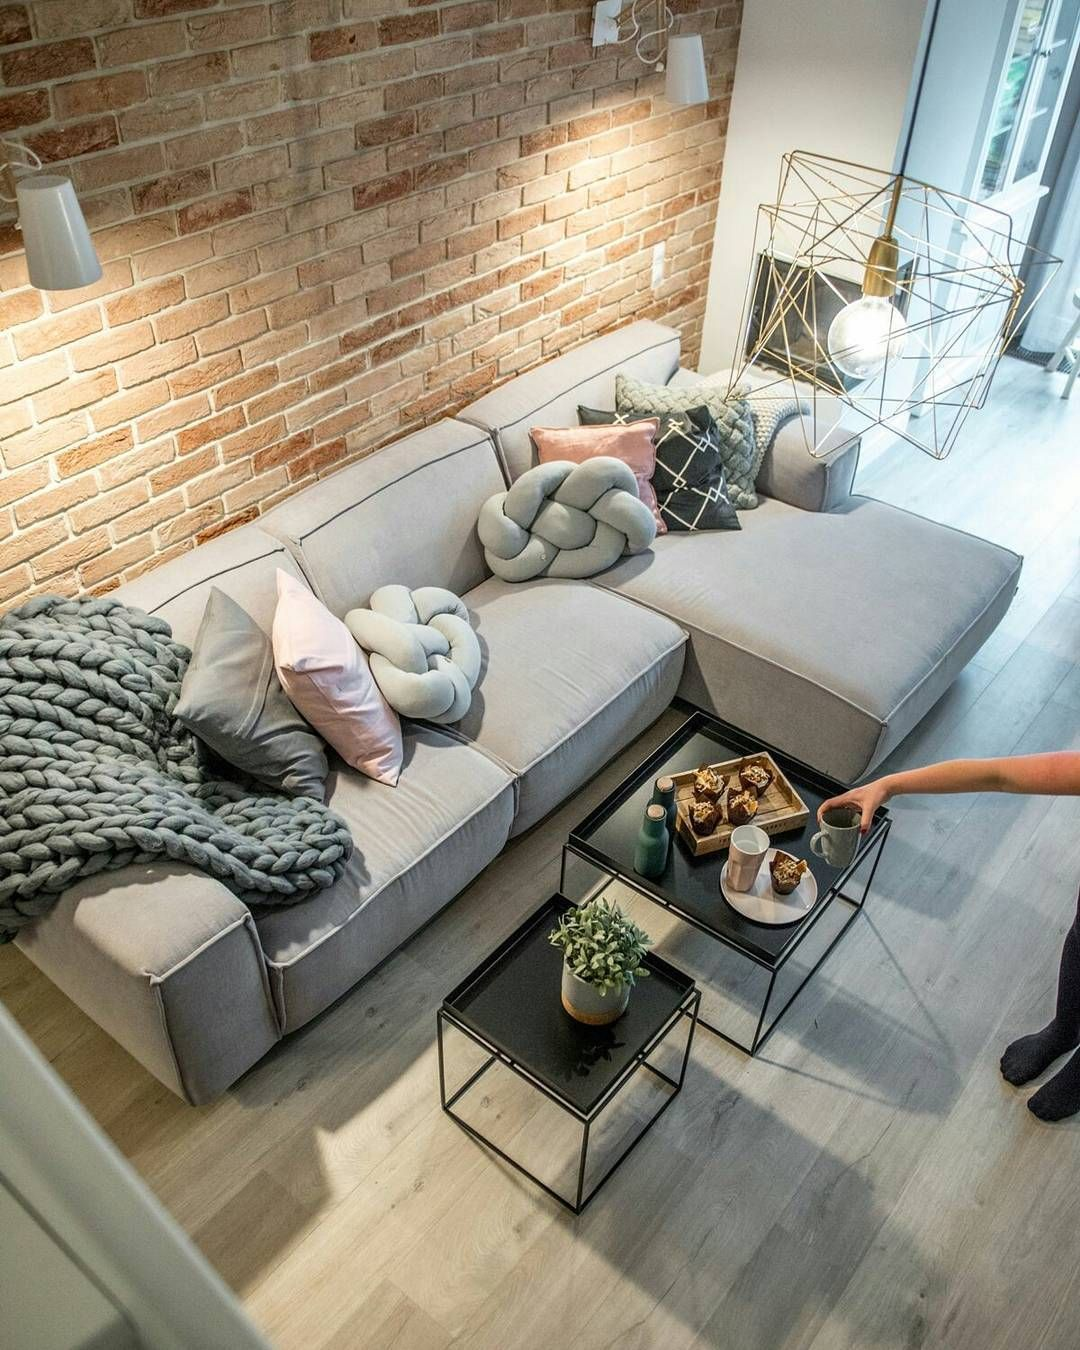 Sofa Cinza E Almofadas Coloridas Home Office Sleeper Sala De Estar Com Parede Tijolo Sofá